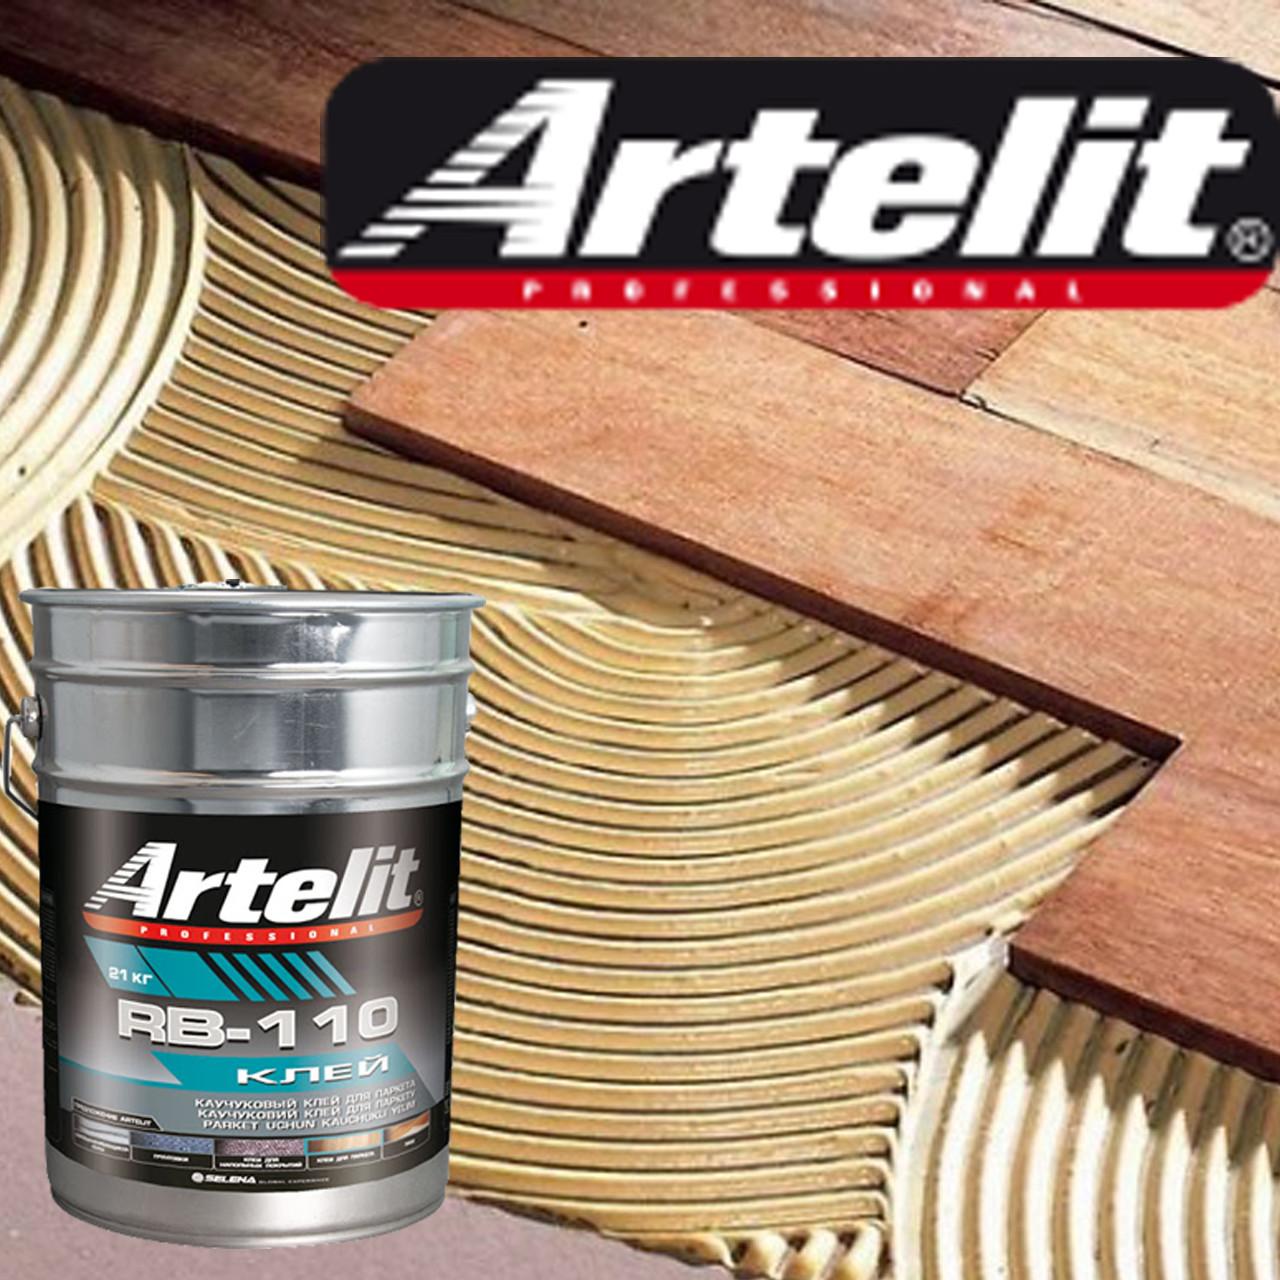 Клей ARTELIT каучуковый для паркета и фанеры, ДСП, ДВП  RB-110 (21 кг)